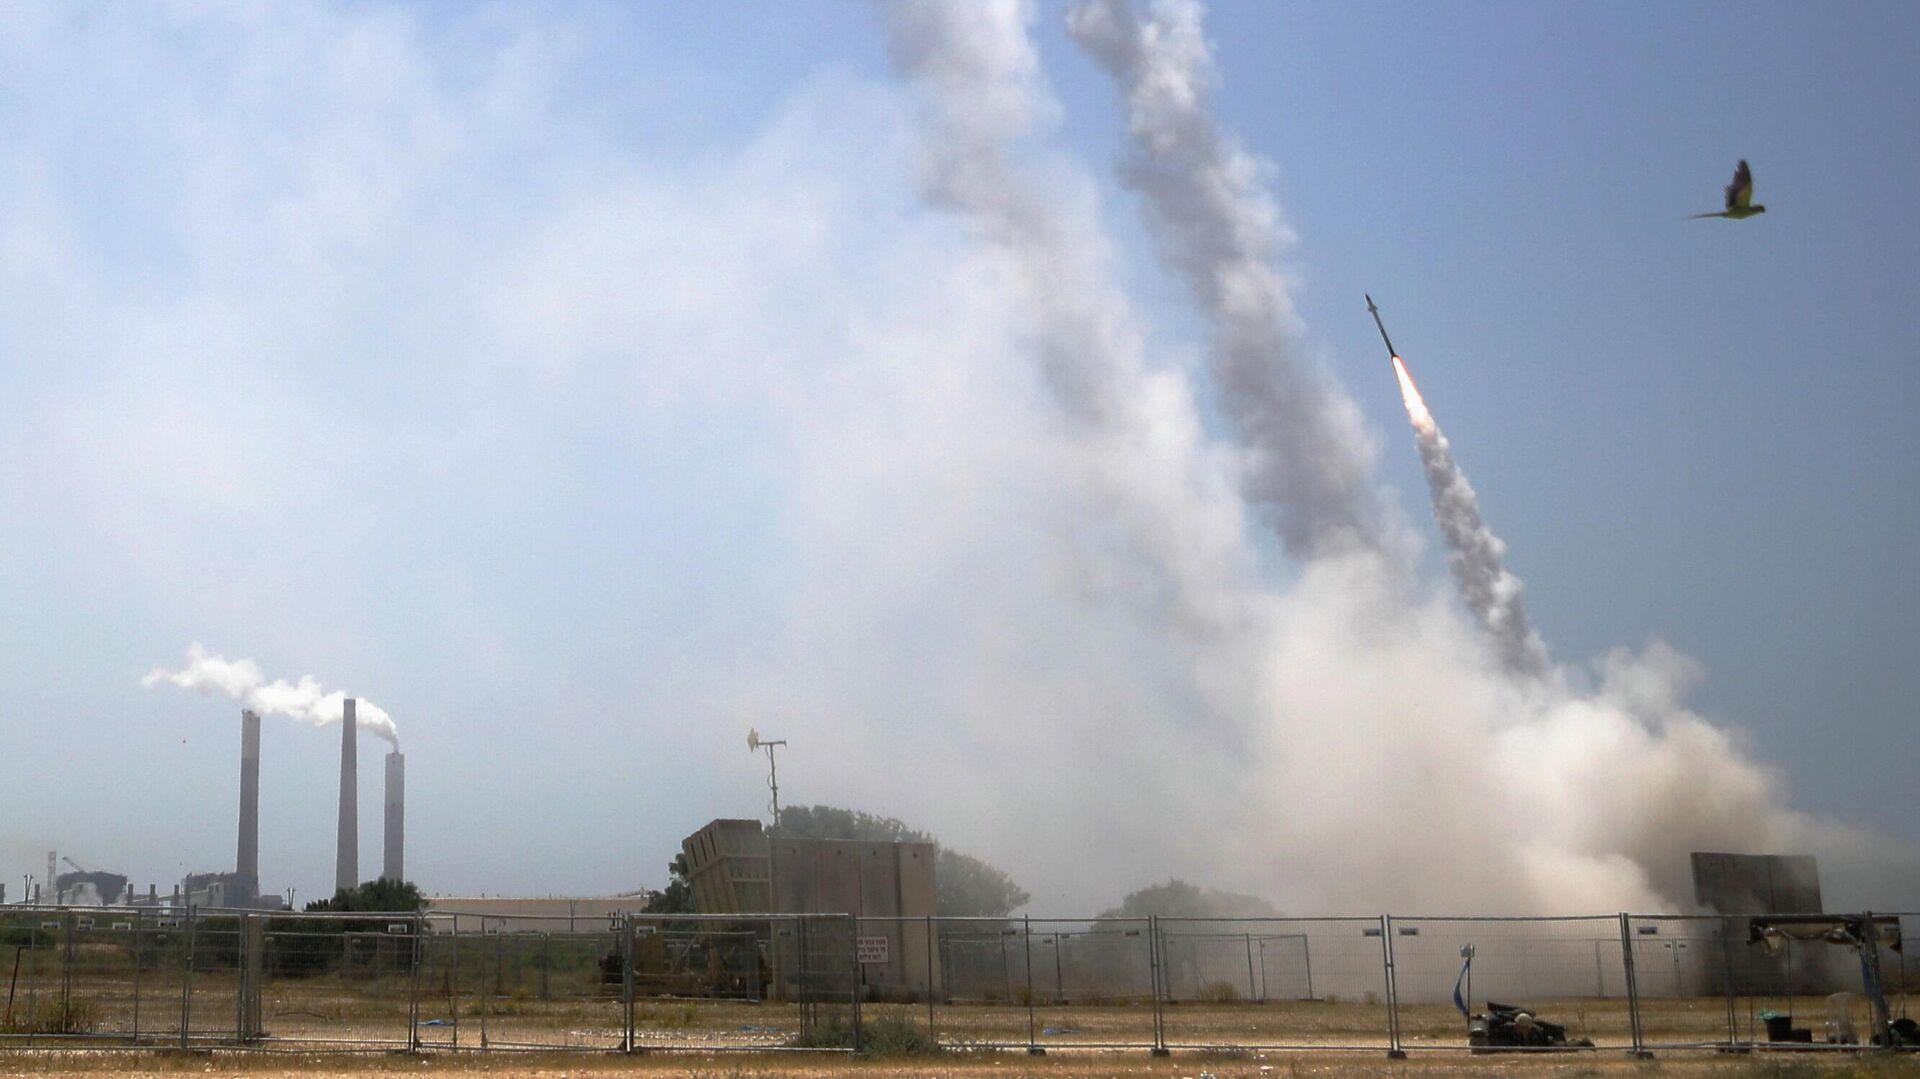 Израильская противоракетная система Железный купол ведет огонь для перехвата ракет, запущенных из сектора Газа, из Ашкелона на юге Израиля - РИА Новости, 1920, 12.05.2021